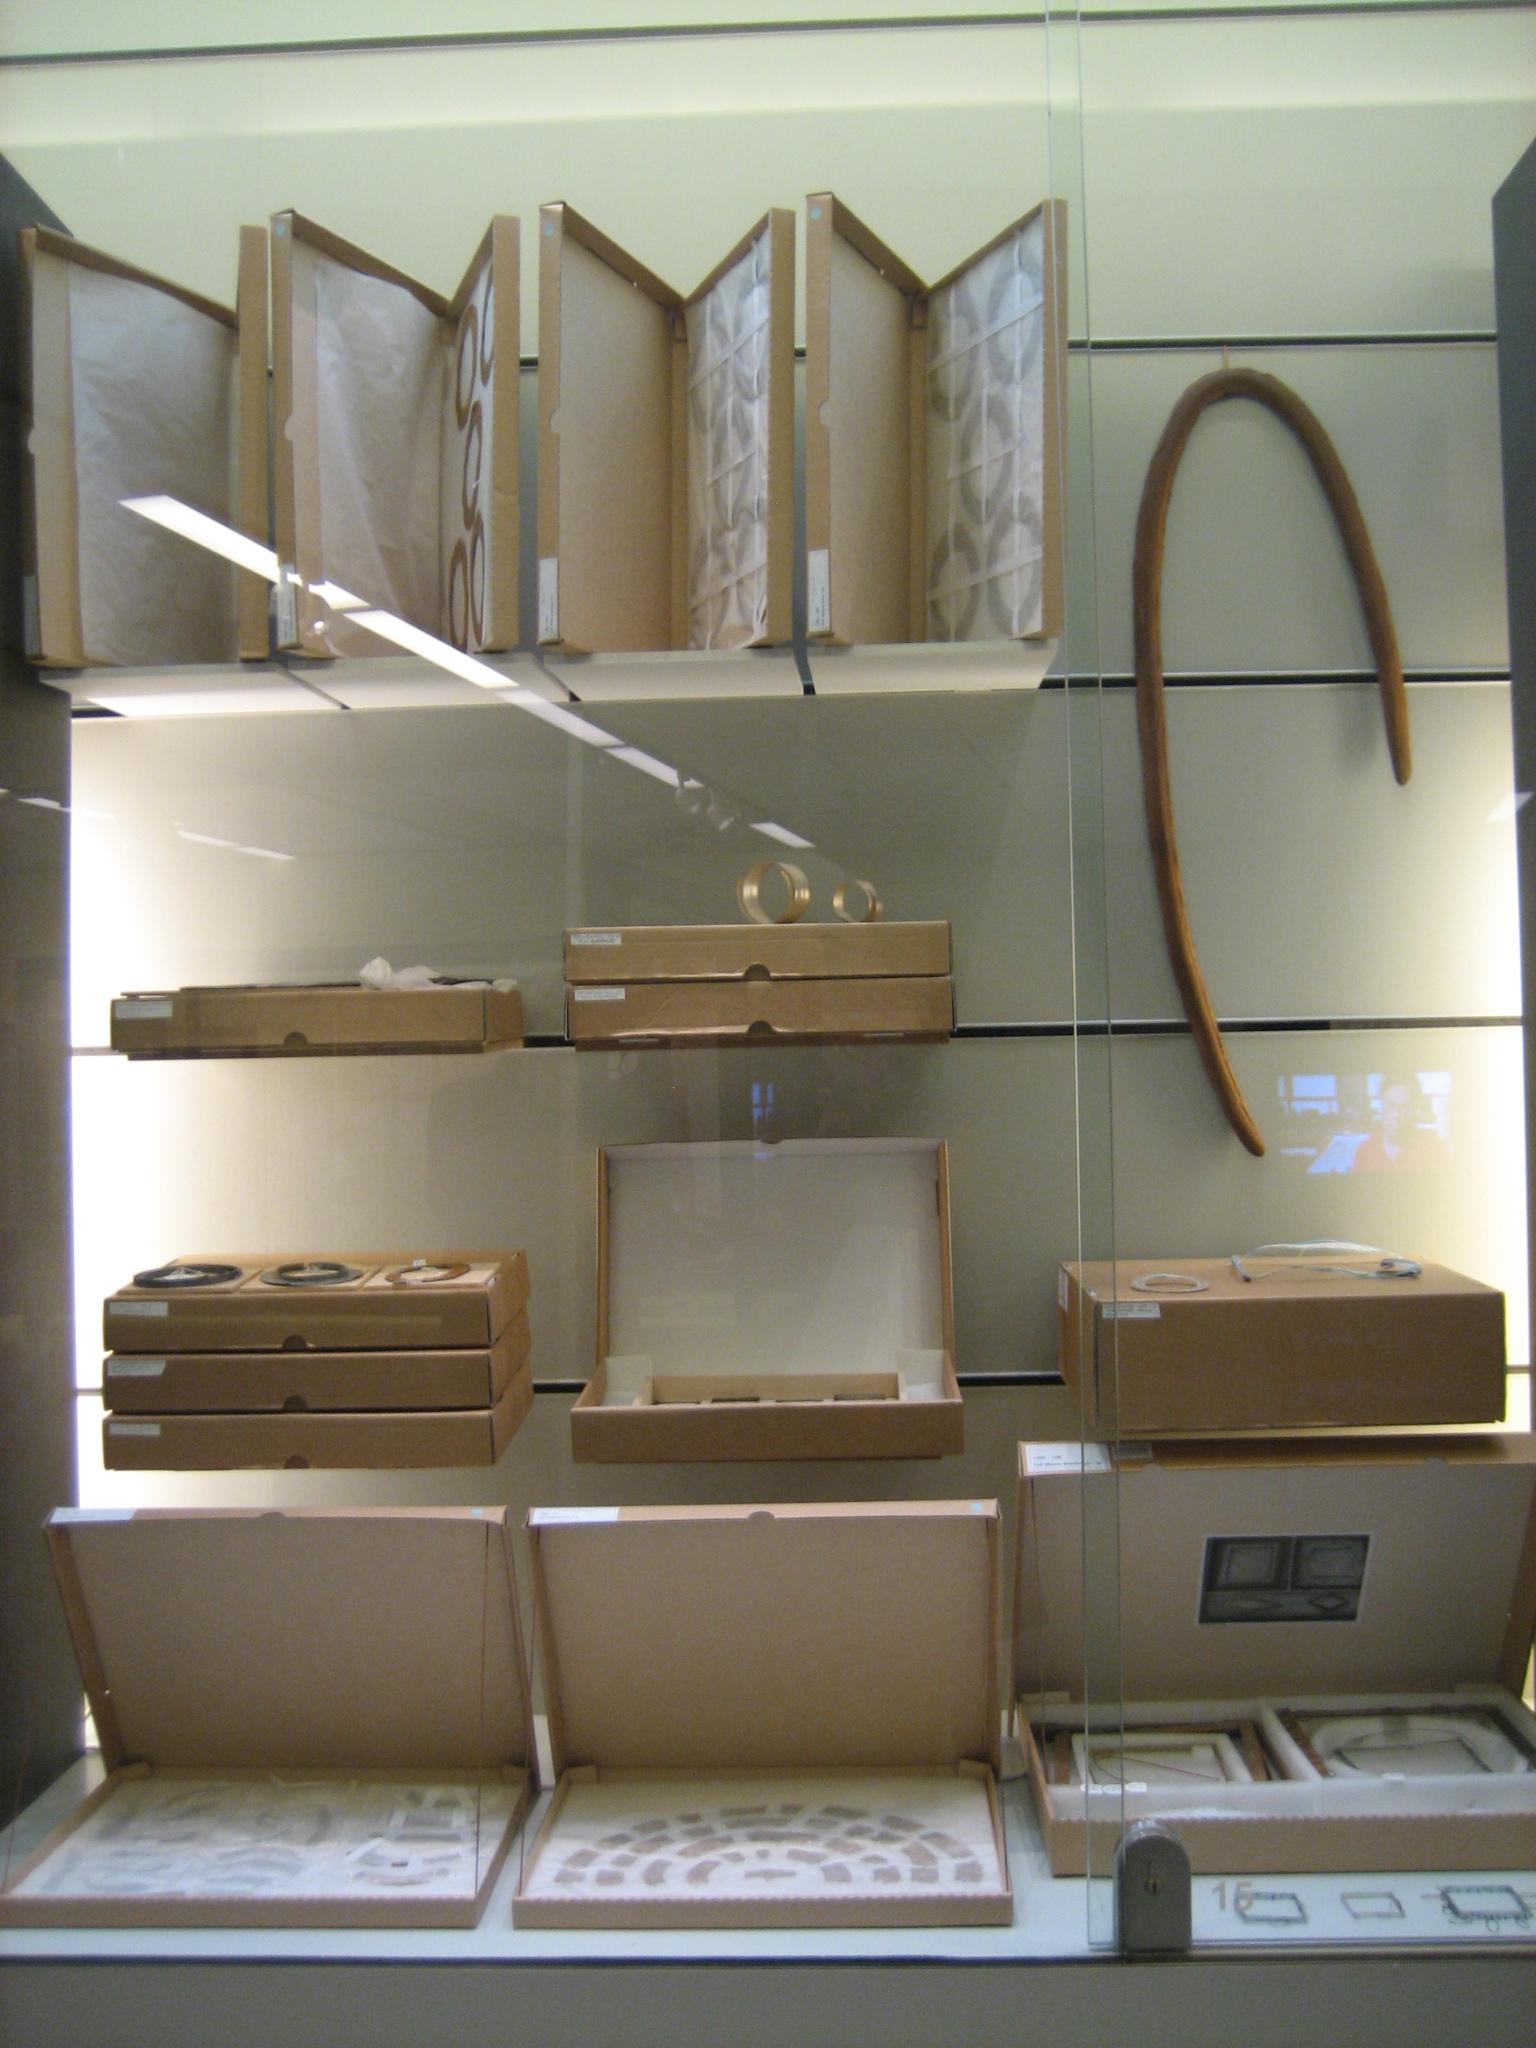 Werk in uitvoering, CODA, 2010, tentoonstelling, wandvitrine